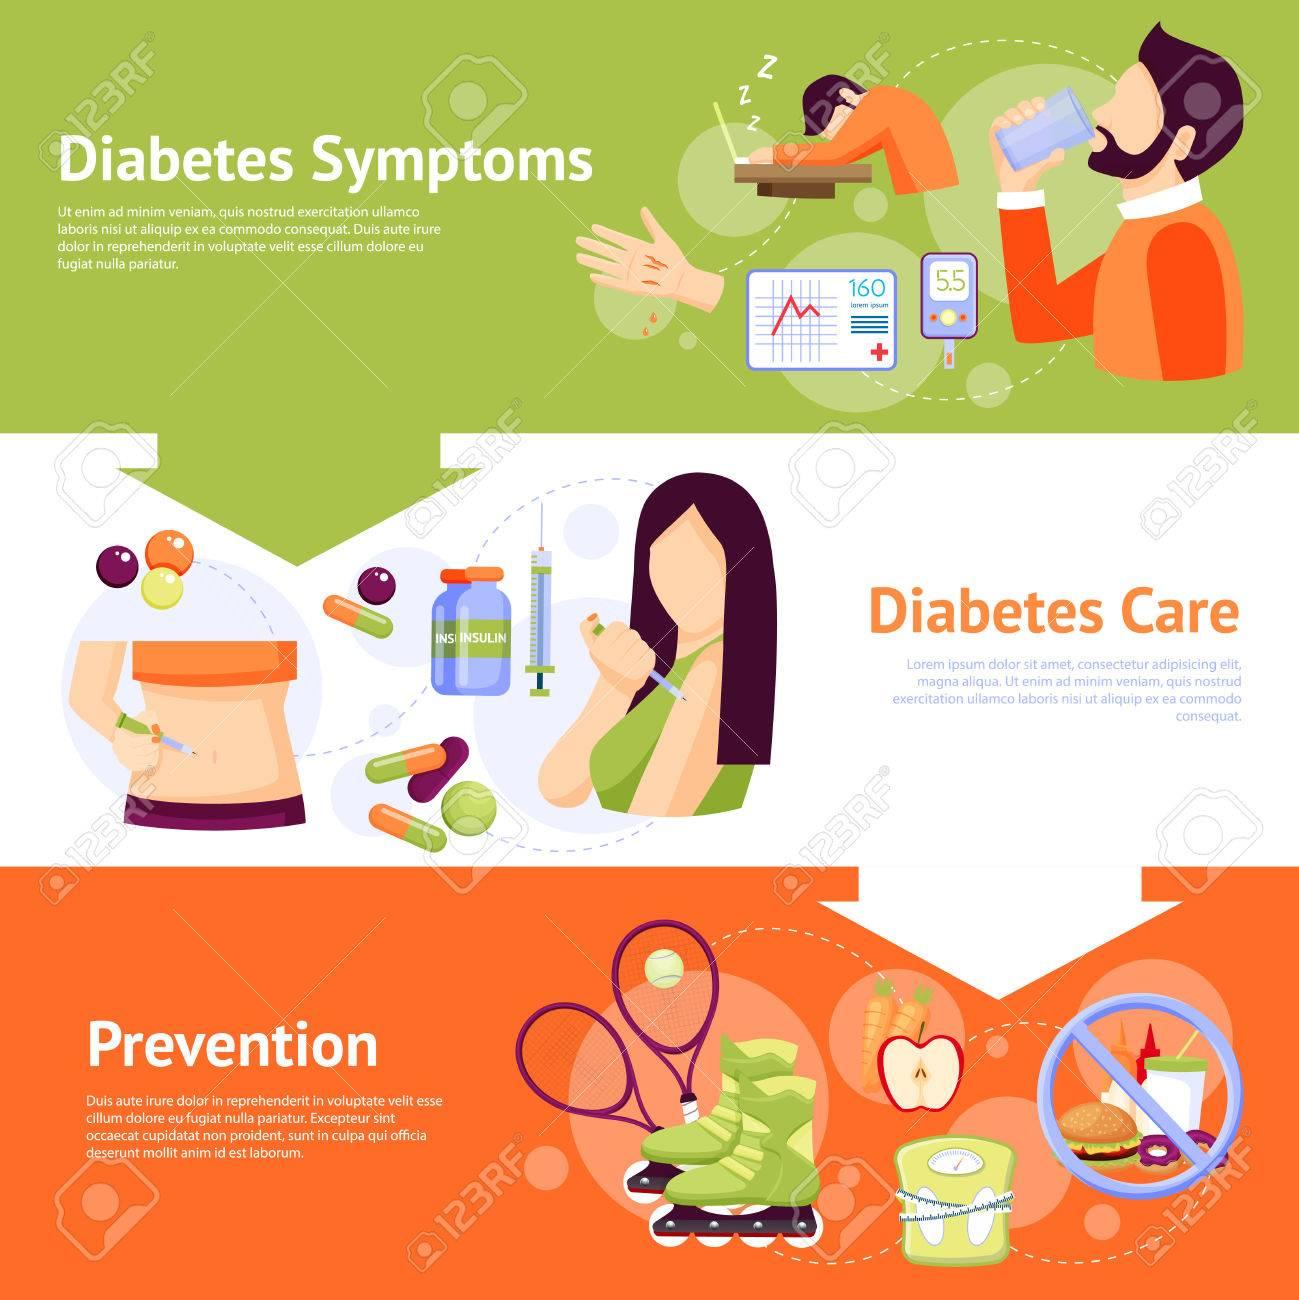 resumen de cuidado de diabetes 2020